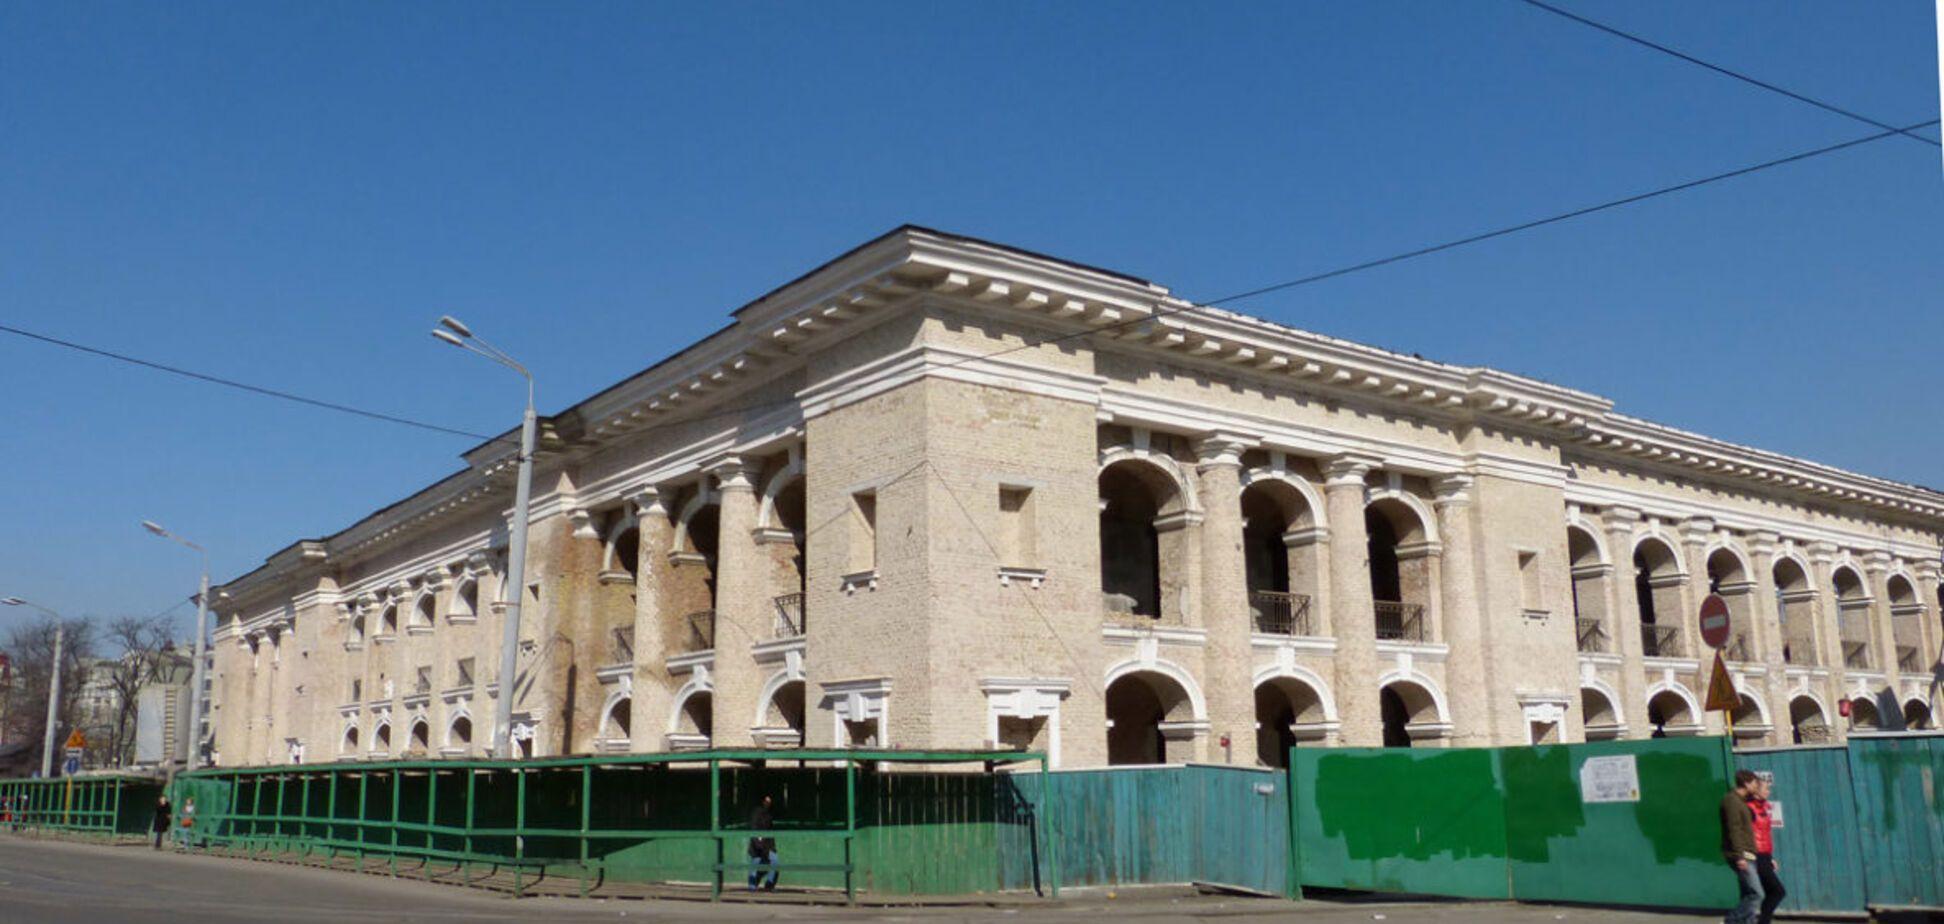 Боротьба завершилася: суд ухвалив рішення по 'Гостинному двору' в Києві